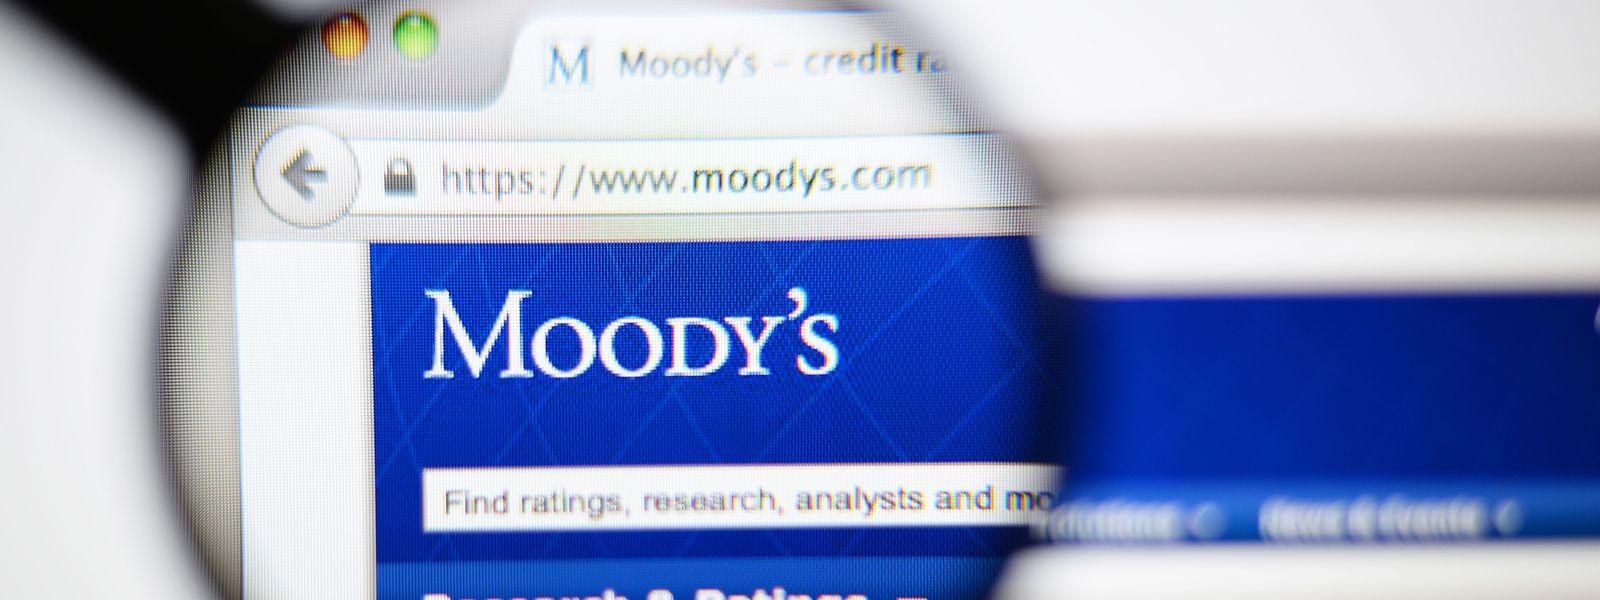 Moody's Investors Service, oft als Moody's bezeichnet, ist das Bonitätsrating-Geschäft der Moody's Corporation.